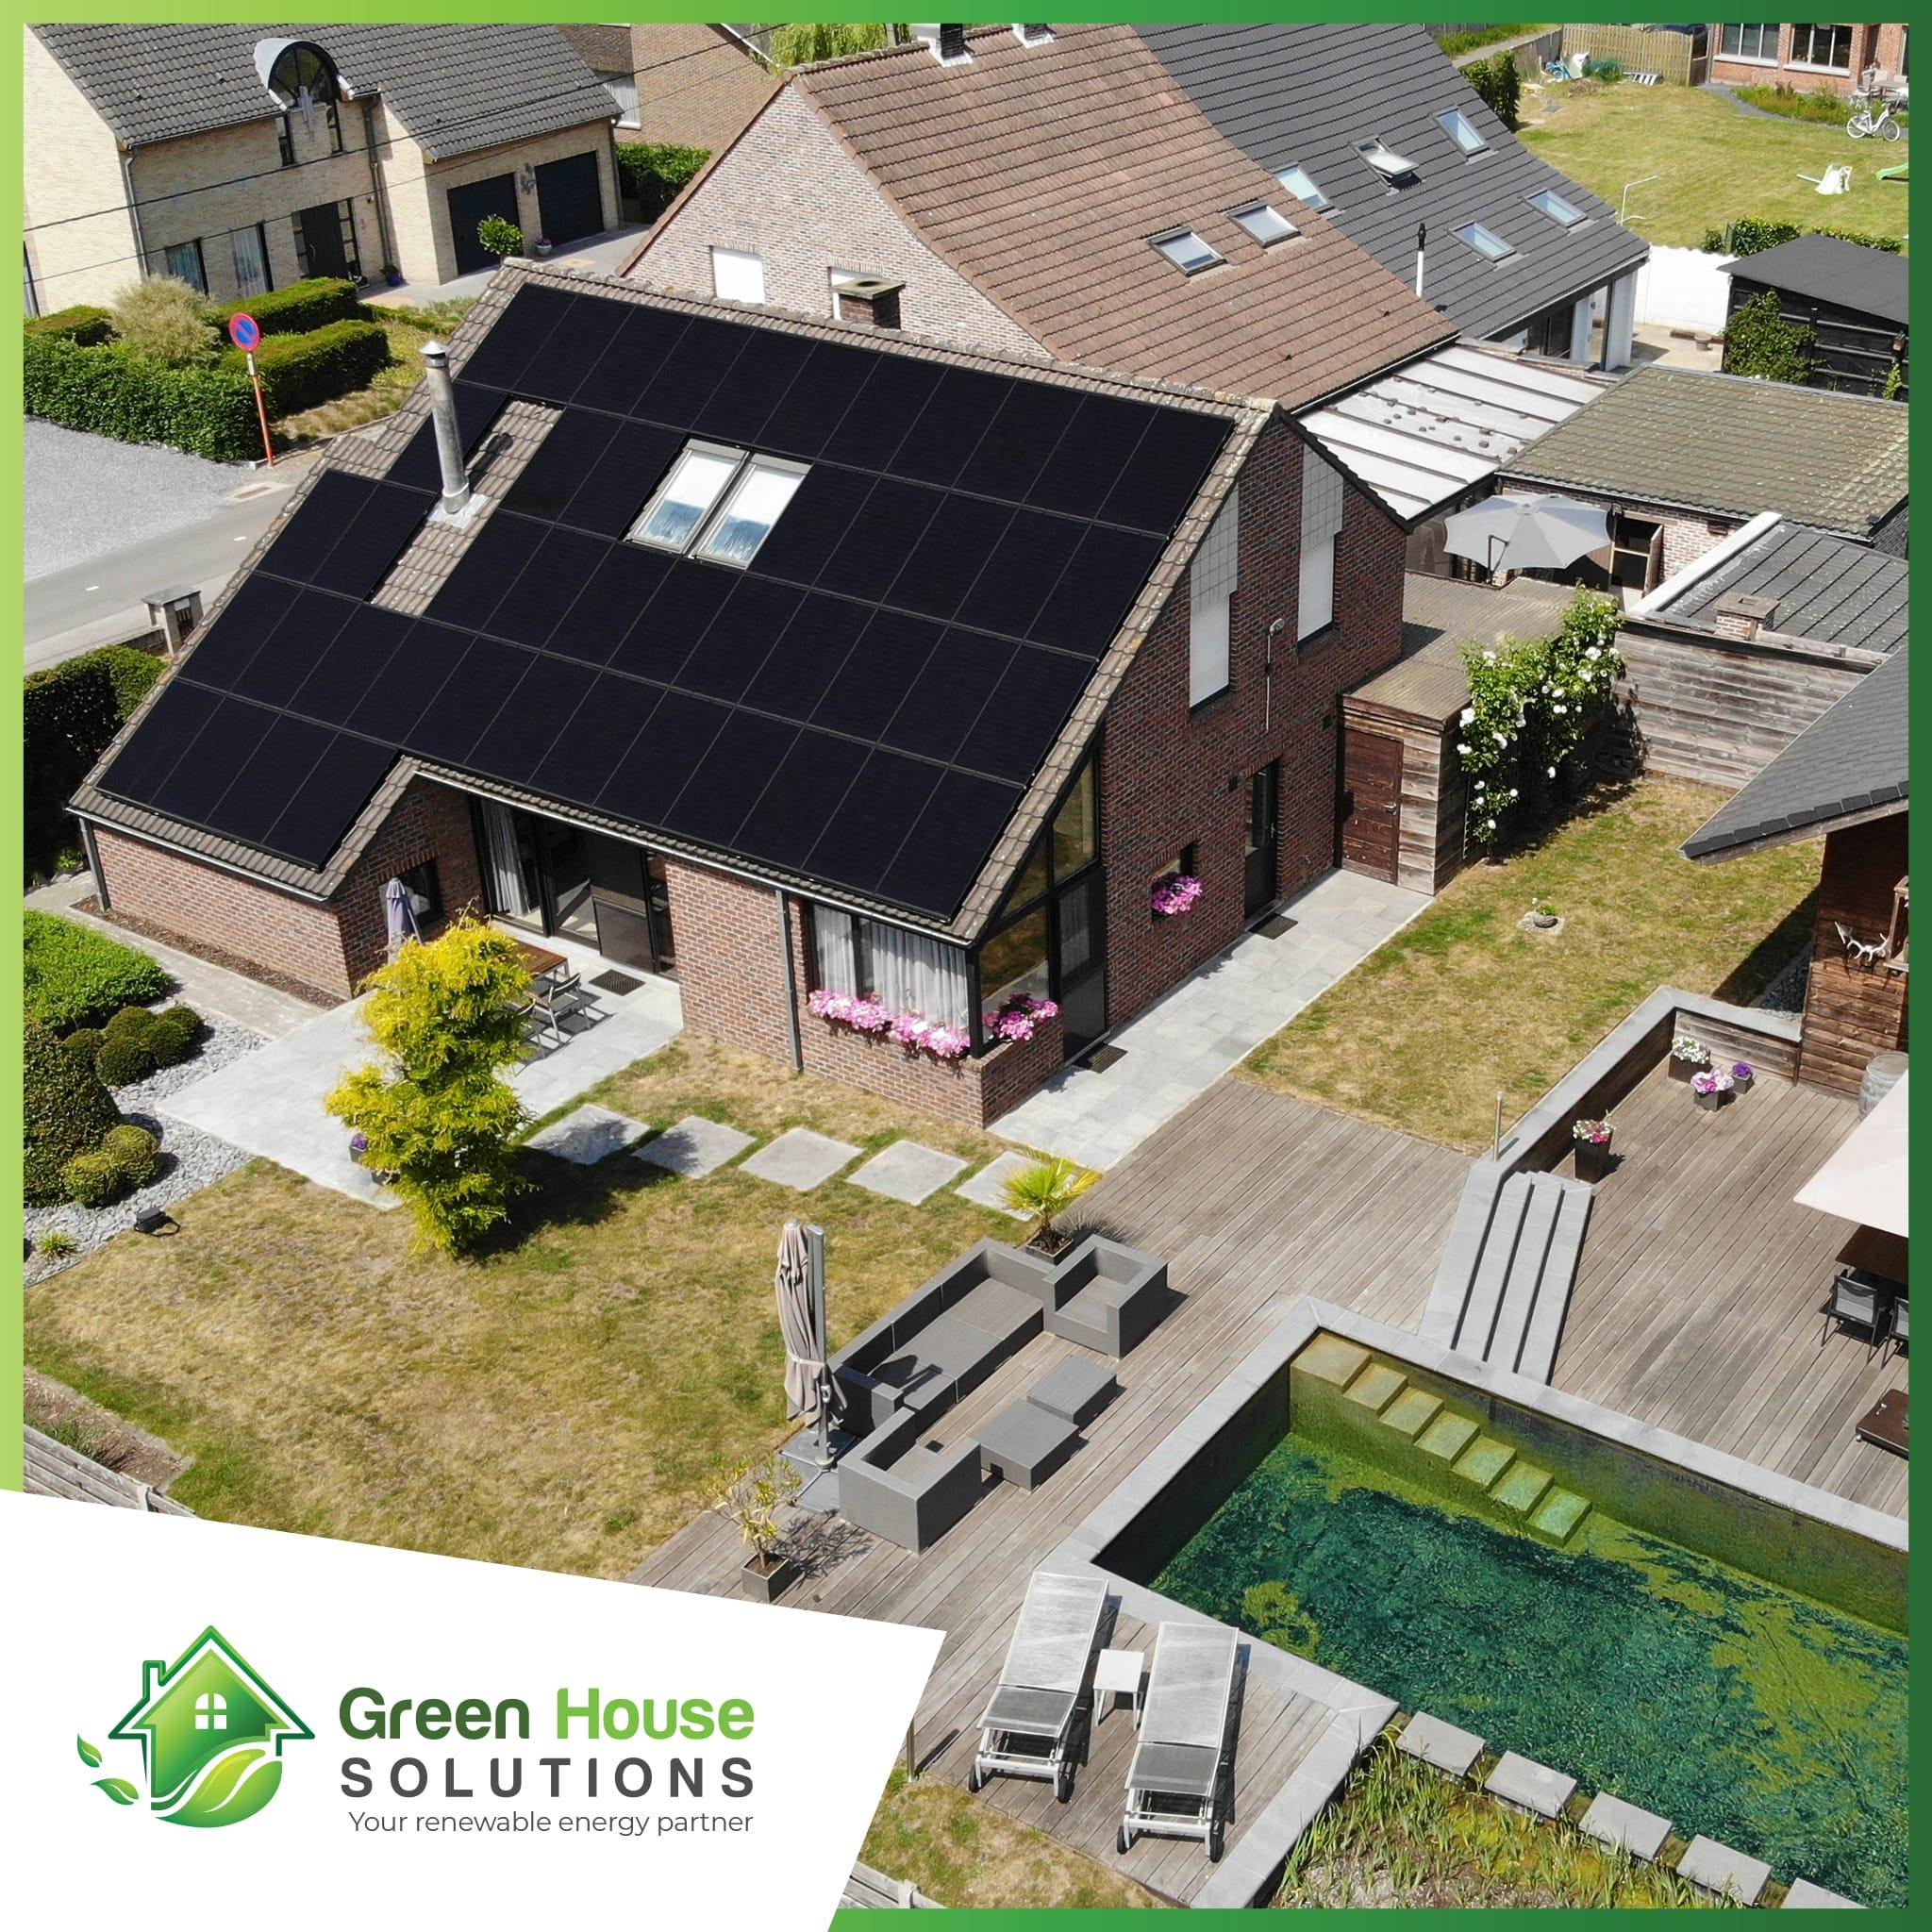 Green House Solutions zonnepanelen plaatsen installeren of kopen in Rotselaar